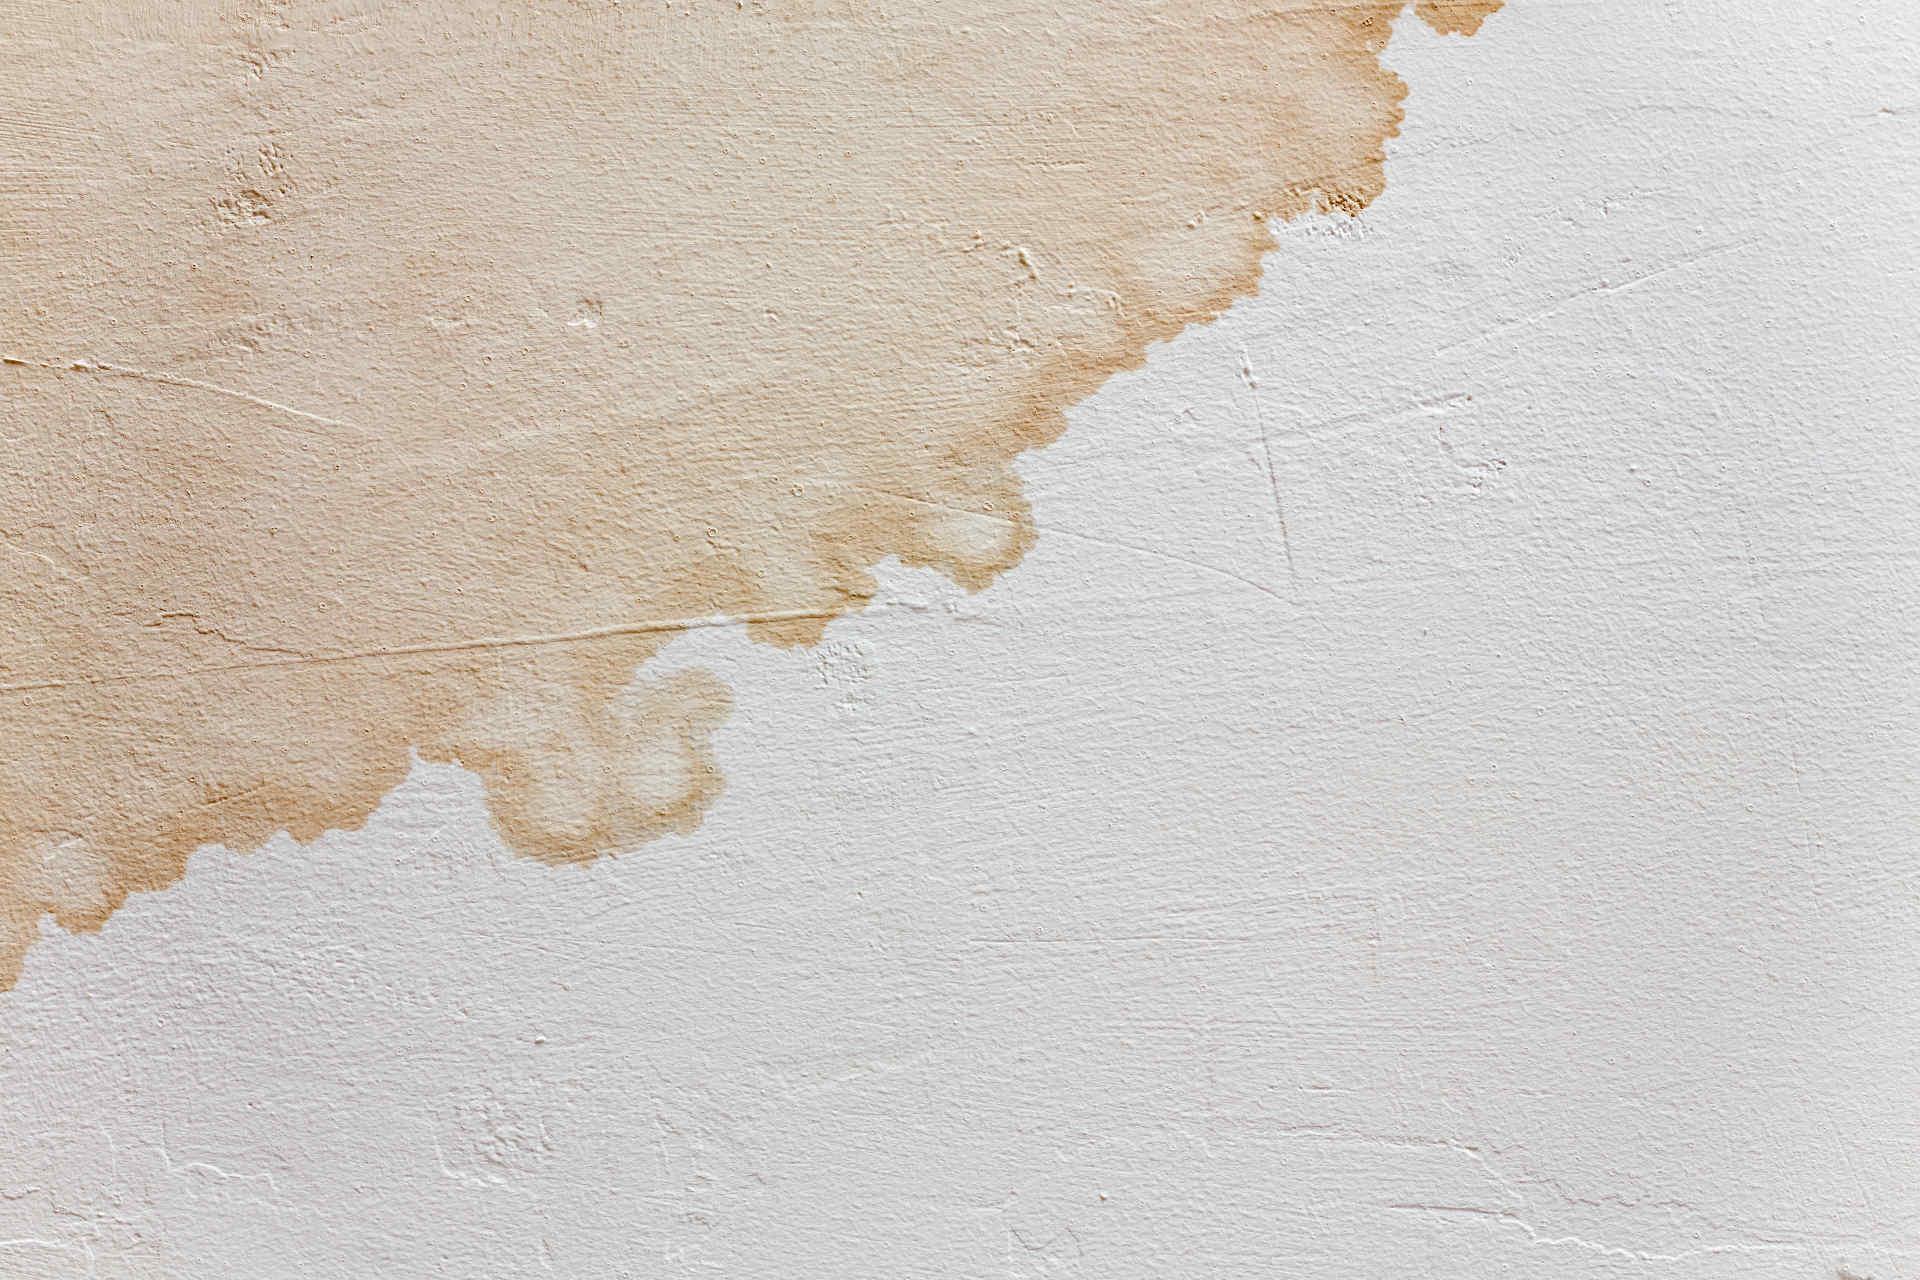 Waterschade zorgt voor lelijke plekken op muren en plafonds #badkamer #waterschade #lekdetectie